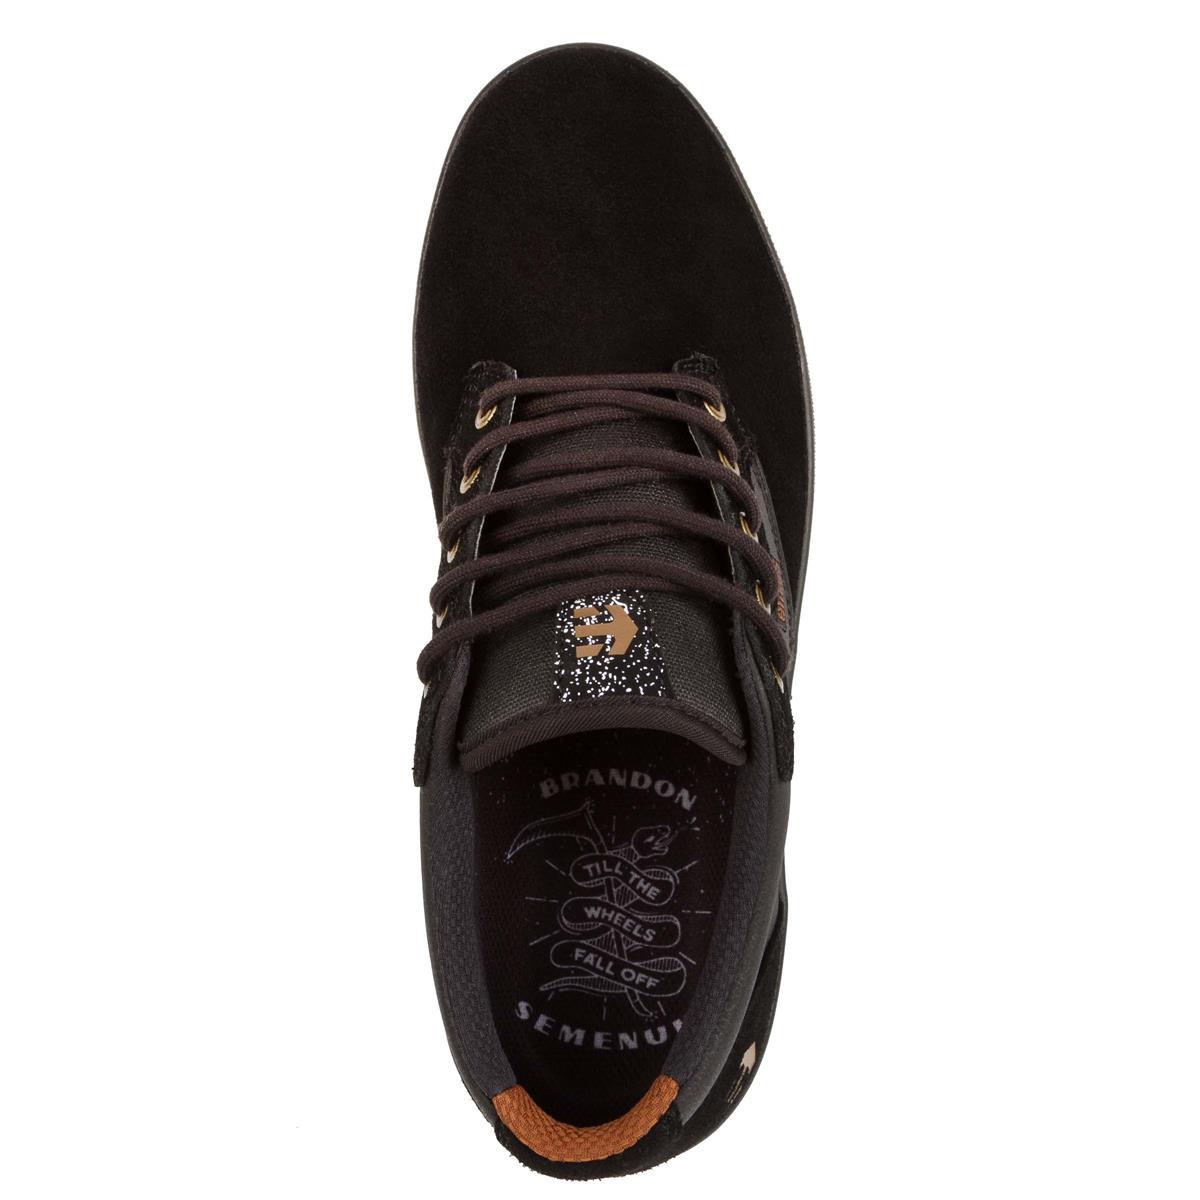 Etnies zapatos Jameson mid Crank negro